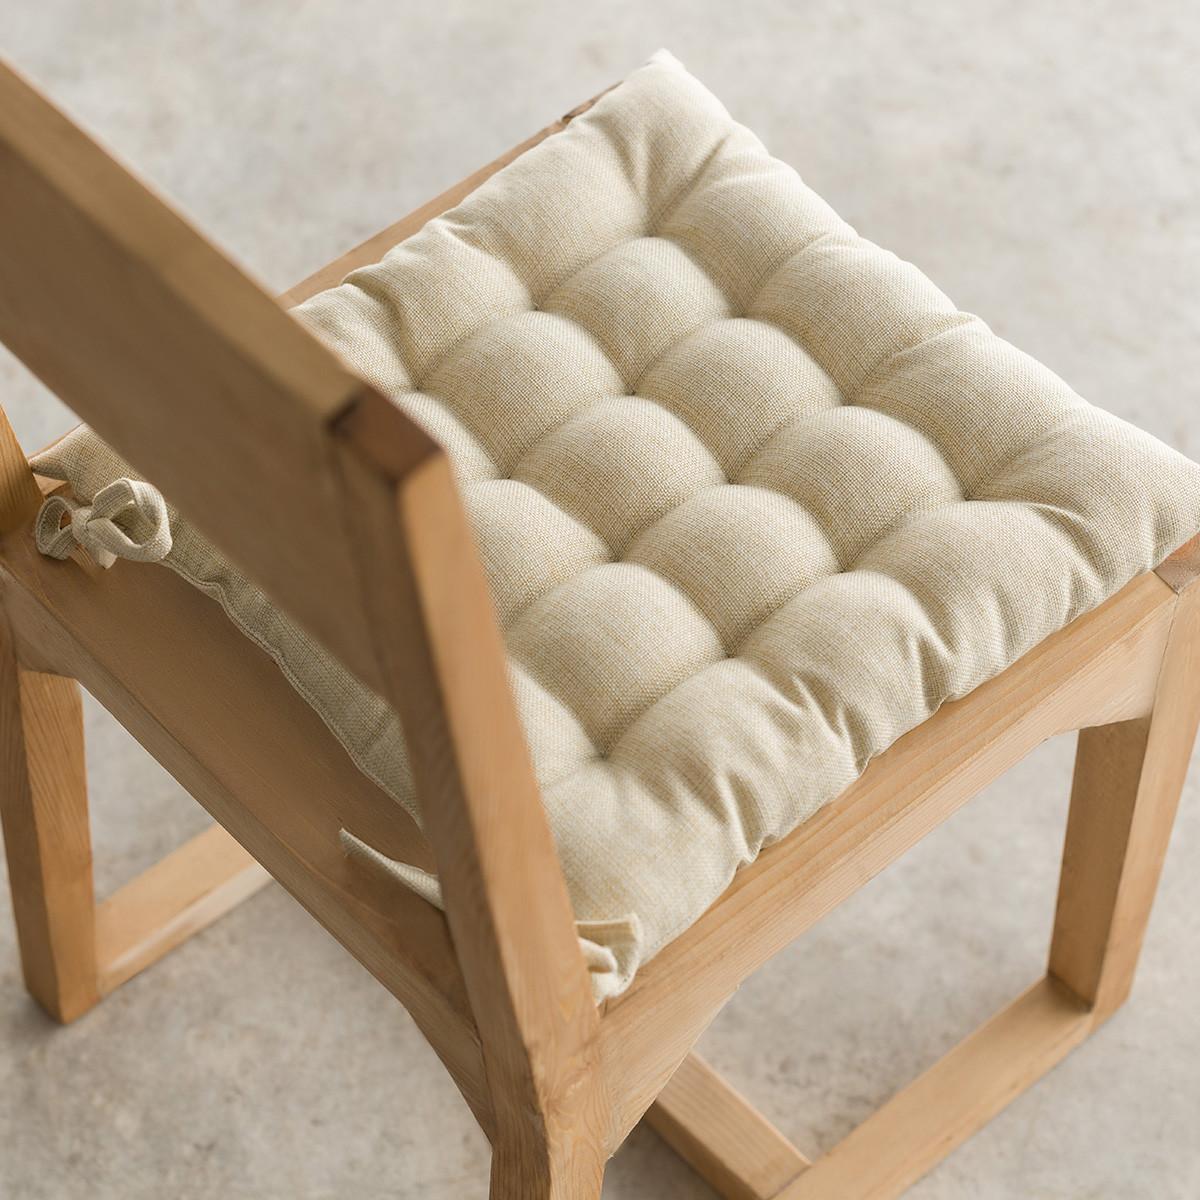 Μαξιλάρι Καρέκλας Gofis Home Hygg Beige 213/06